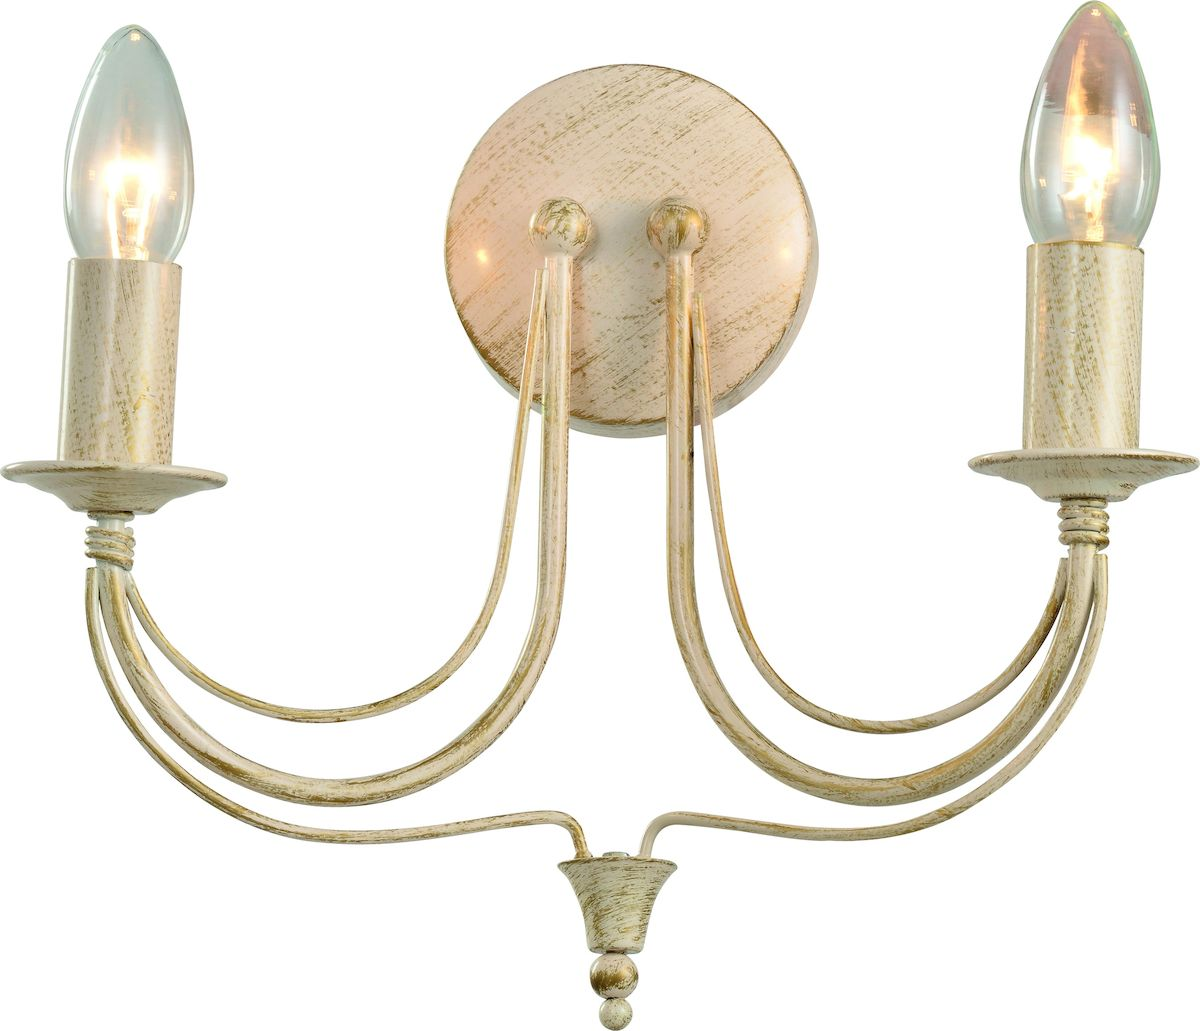 Светильник настенный Arte Lamp Maytone A6301AP-2WGA6301AP-2WGНастенный светильник Arte Lamp Maytone станет украшением вашей комнаты и оригинально дополнит интерьер. Изделие крепится к стене. Такой светильник отлично подойдет для освещения кабинета, столовой, спальни или гостиной.